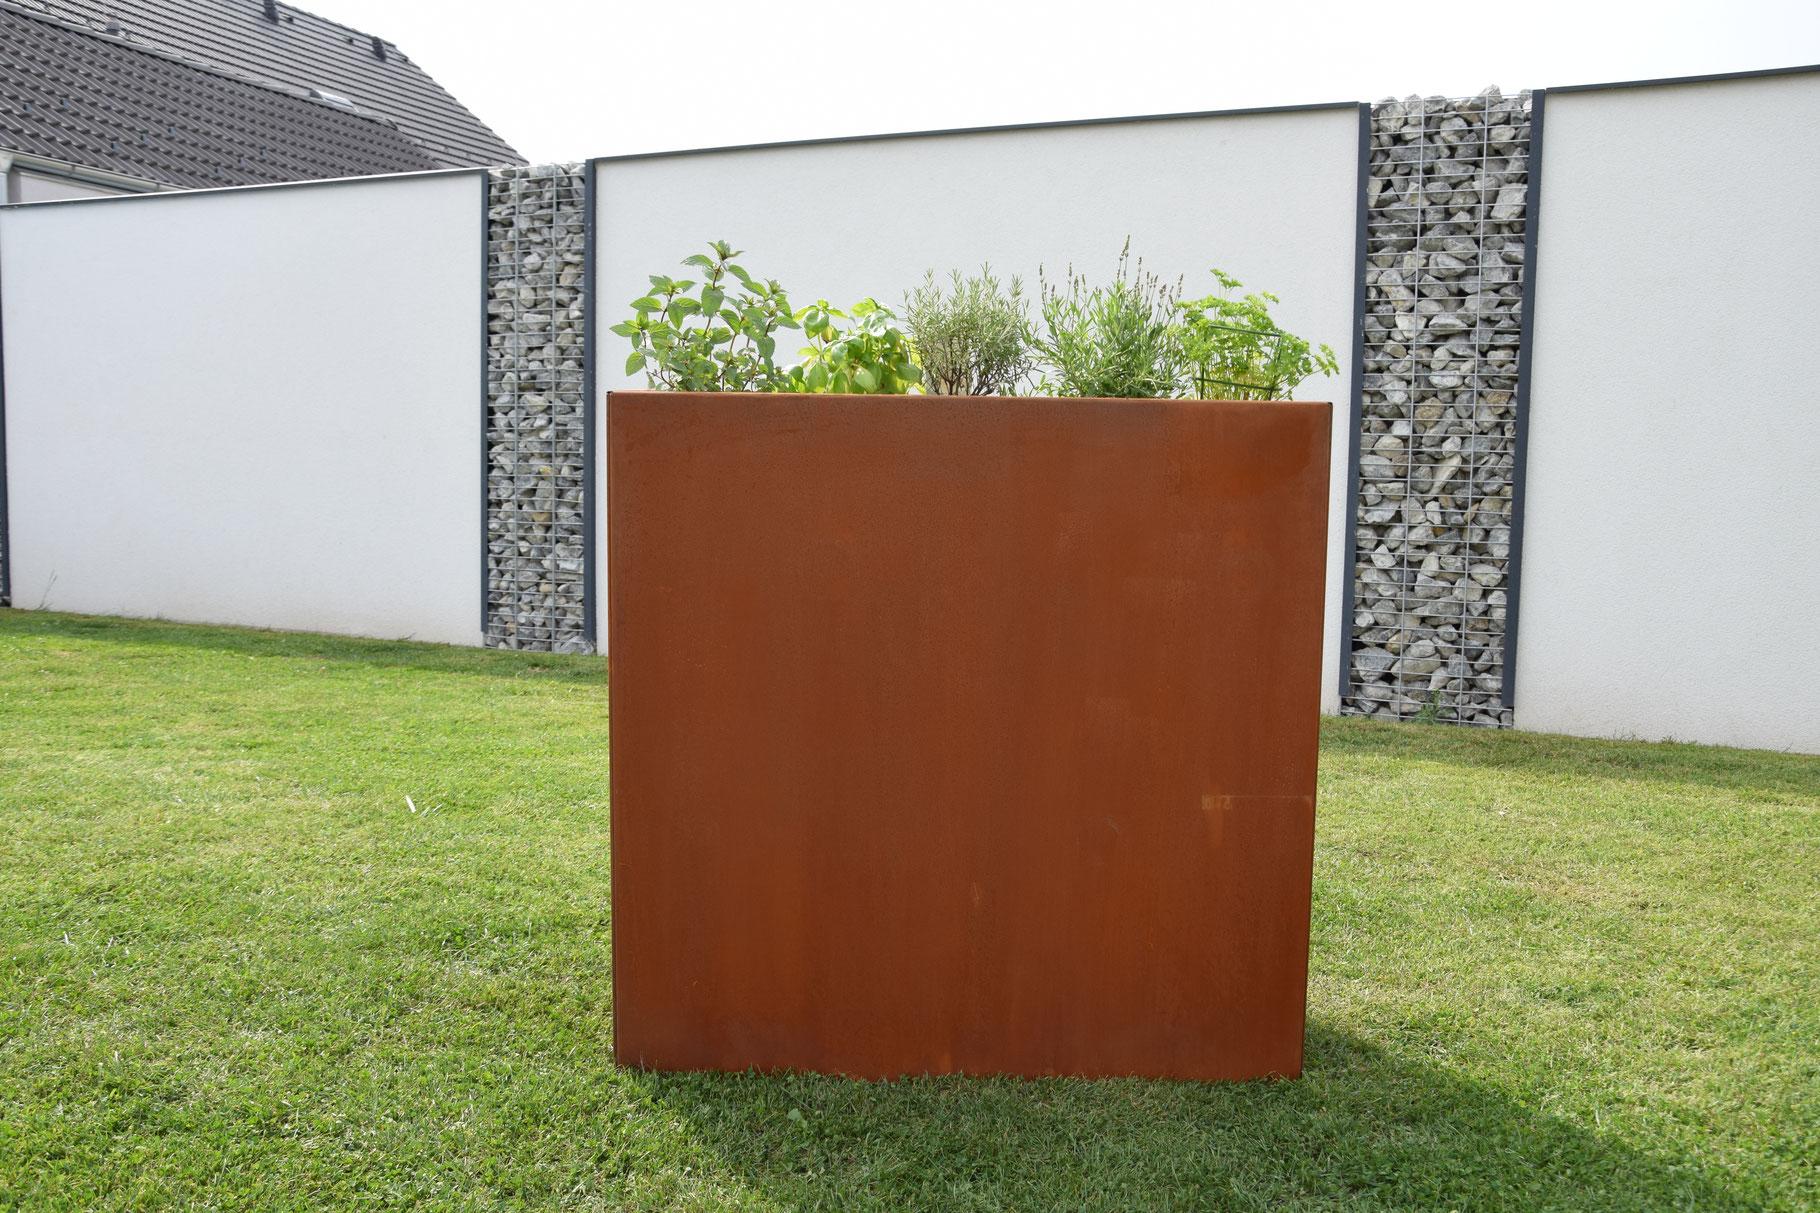 Full Size of Kruter Edelstahl Garten Hochbeet Edelstahlküche Outdoor Küche Gebraucht Wohnzimmer Hochbeet Edelstahl